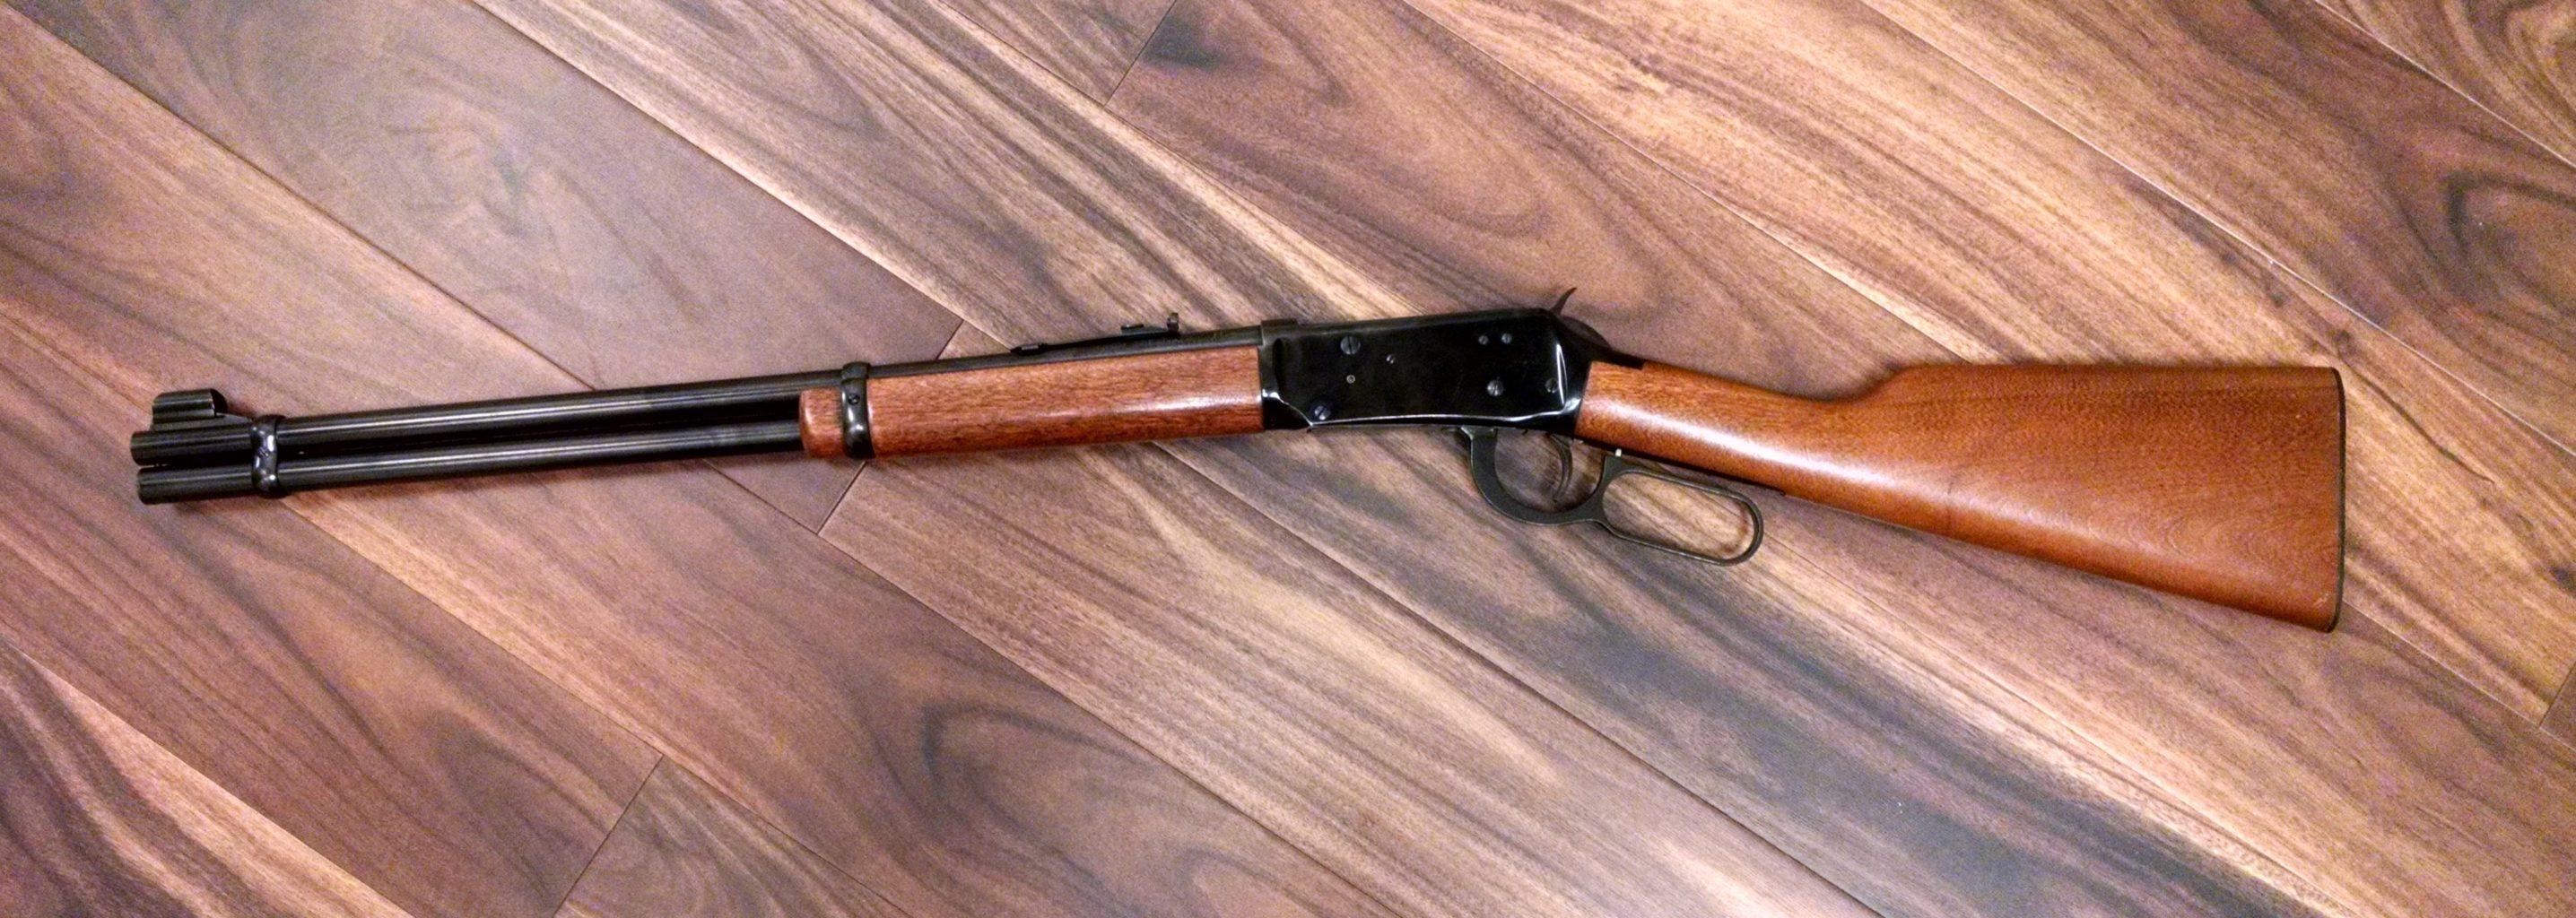 WINCHESTER 1967 MODEL 94 .32 WIN RIFLE